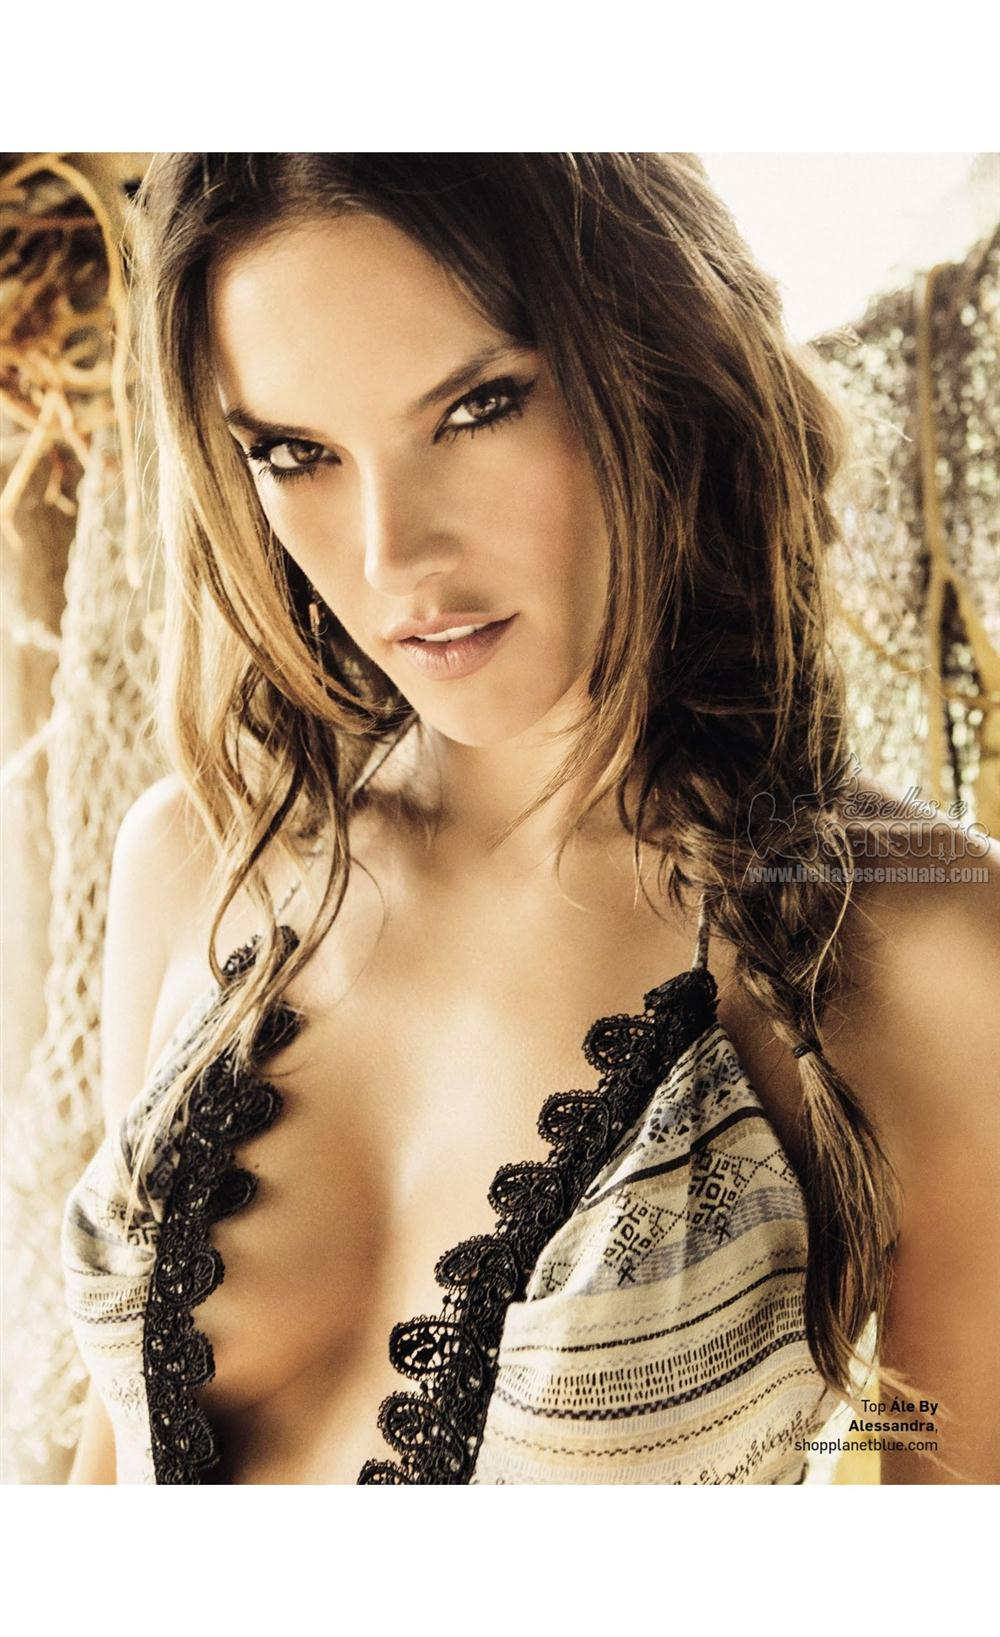 Alessandra Ambrosio vip__42__008